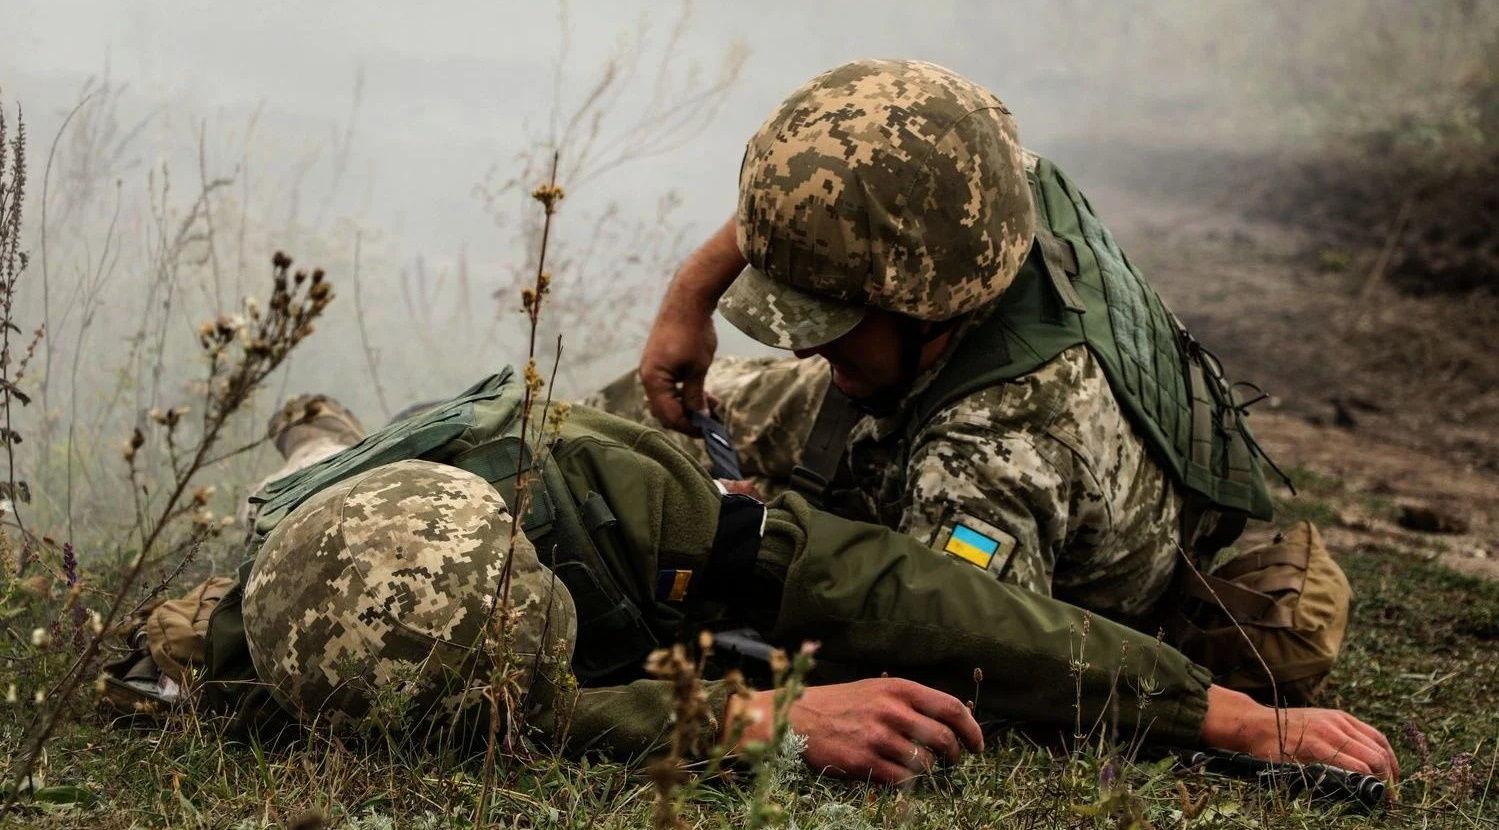 Гибридная армия РФ вновь обстреляла позиции ВСУ на Донбассе: один украинский защитник ранен